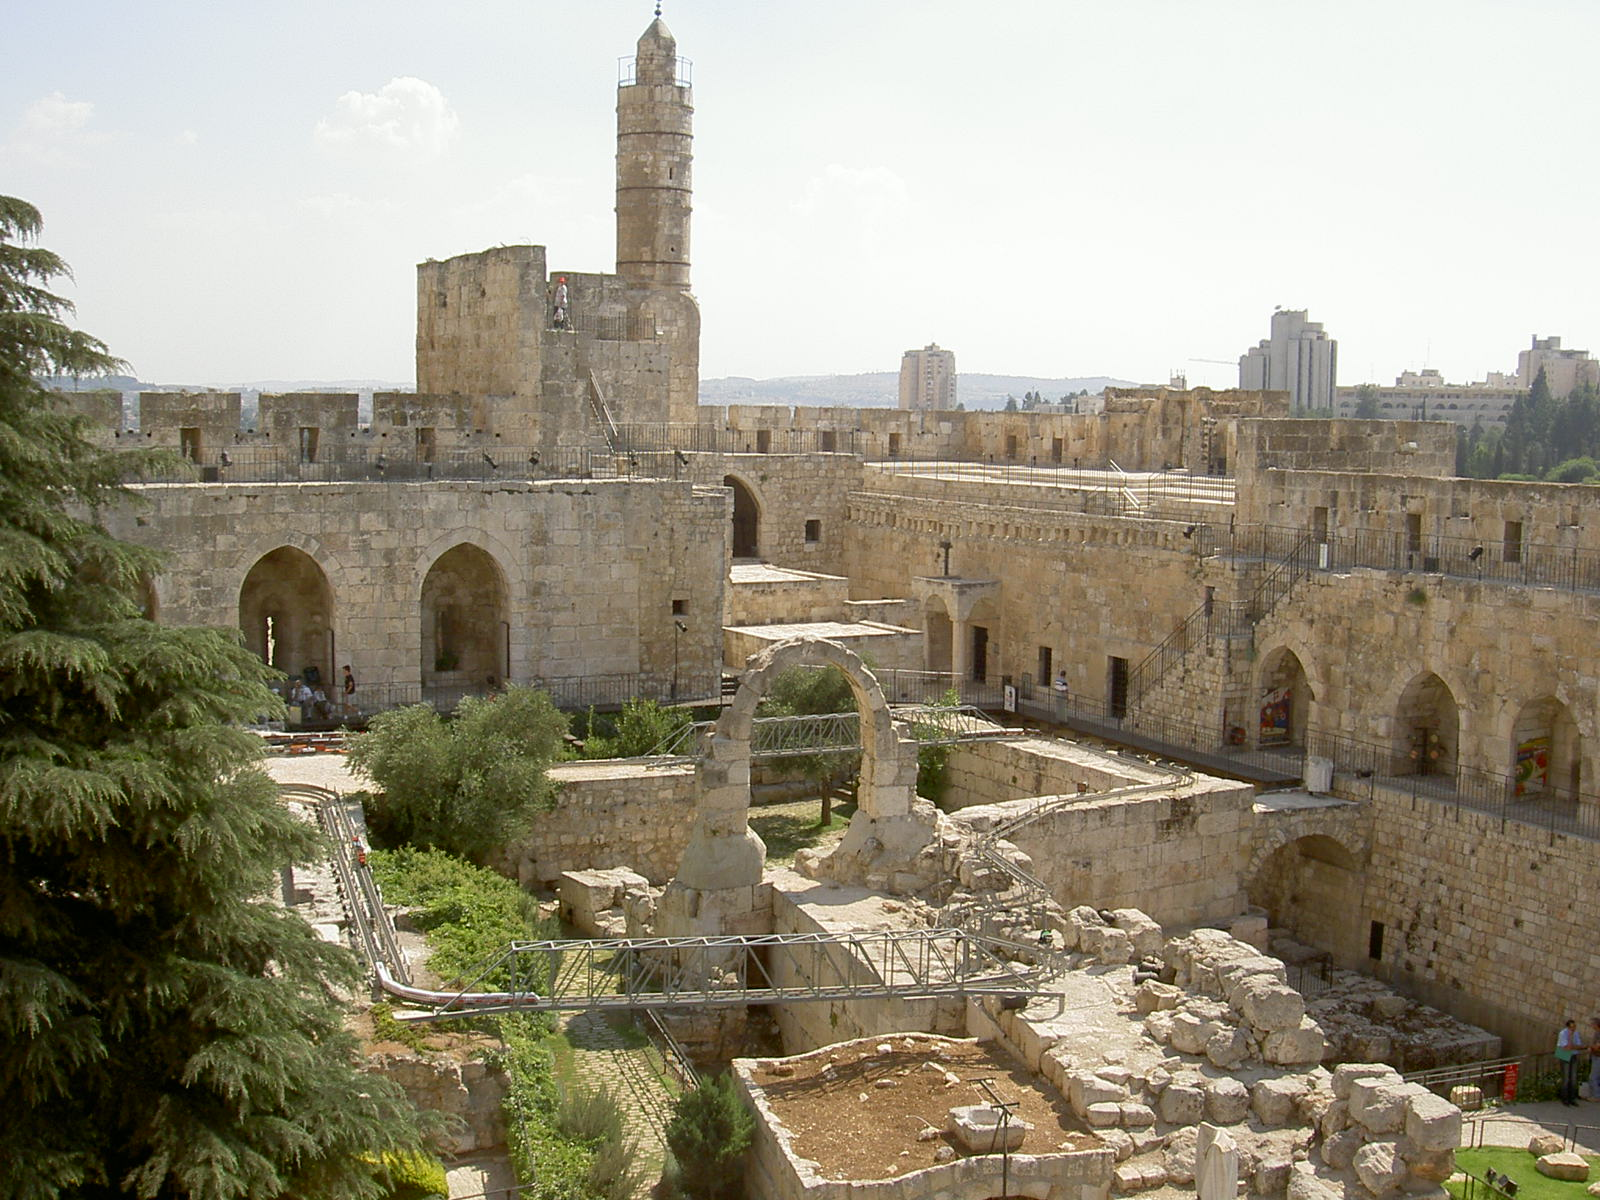 достопримечательности в израиле фото